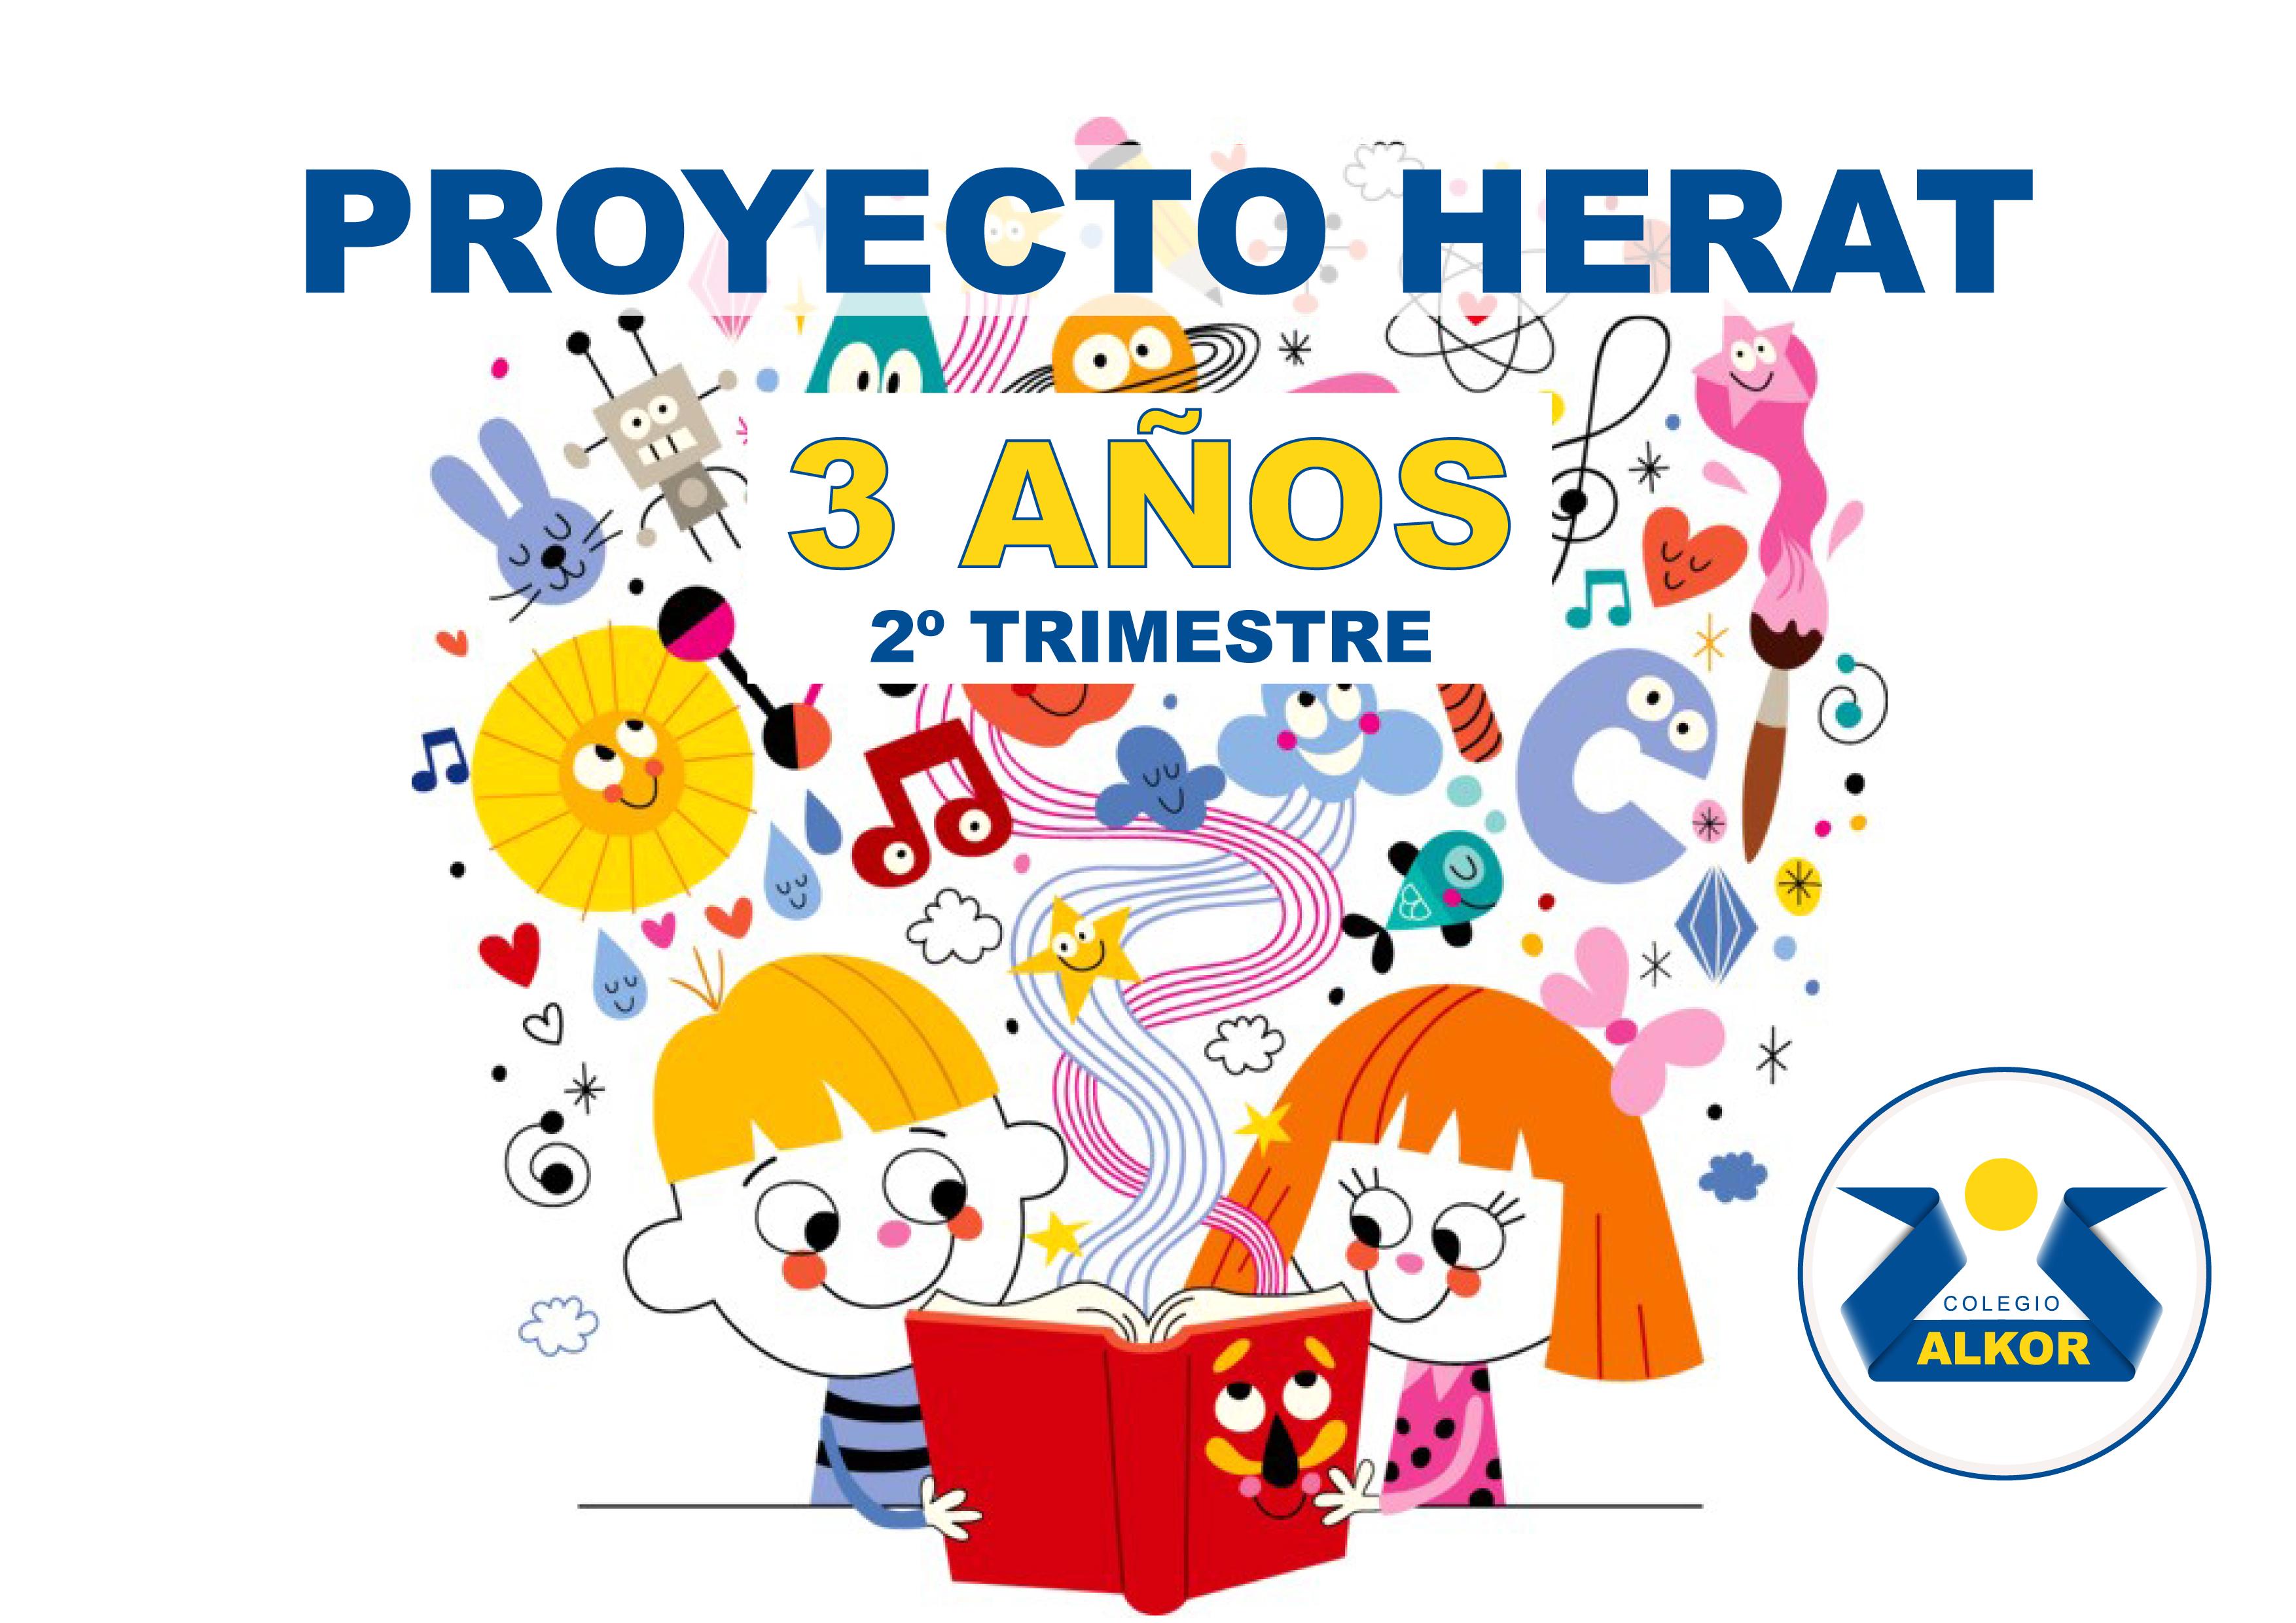 HERAT SEGUNDO TRIMESTRE 3 AÑOS